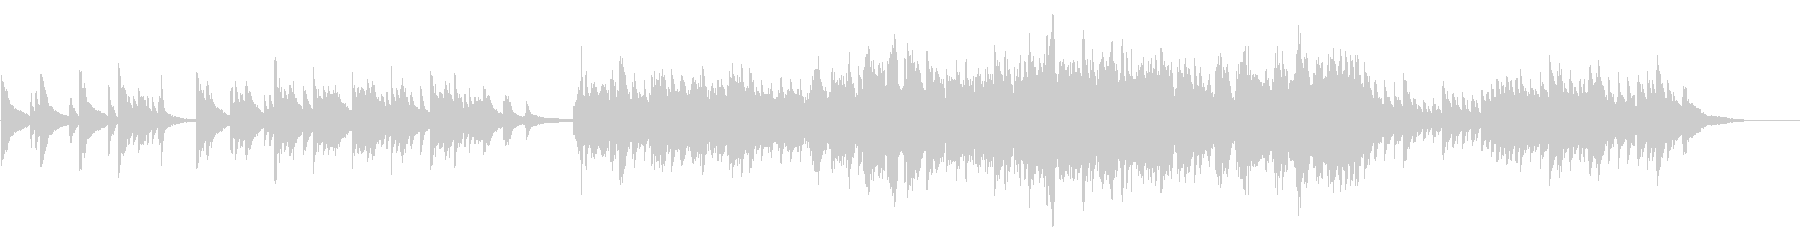 ドラマチックに展開するピアノバラードの未再生の波形